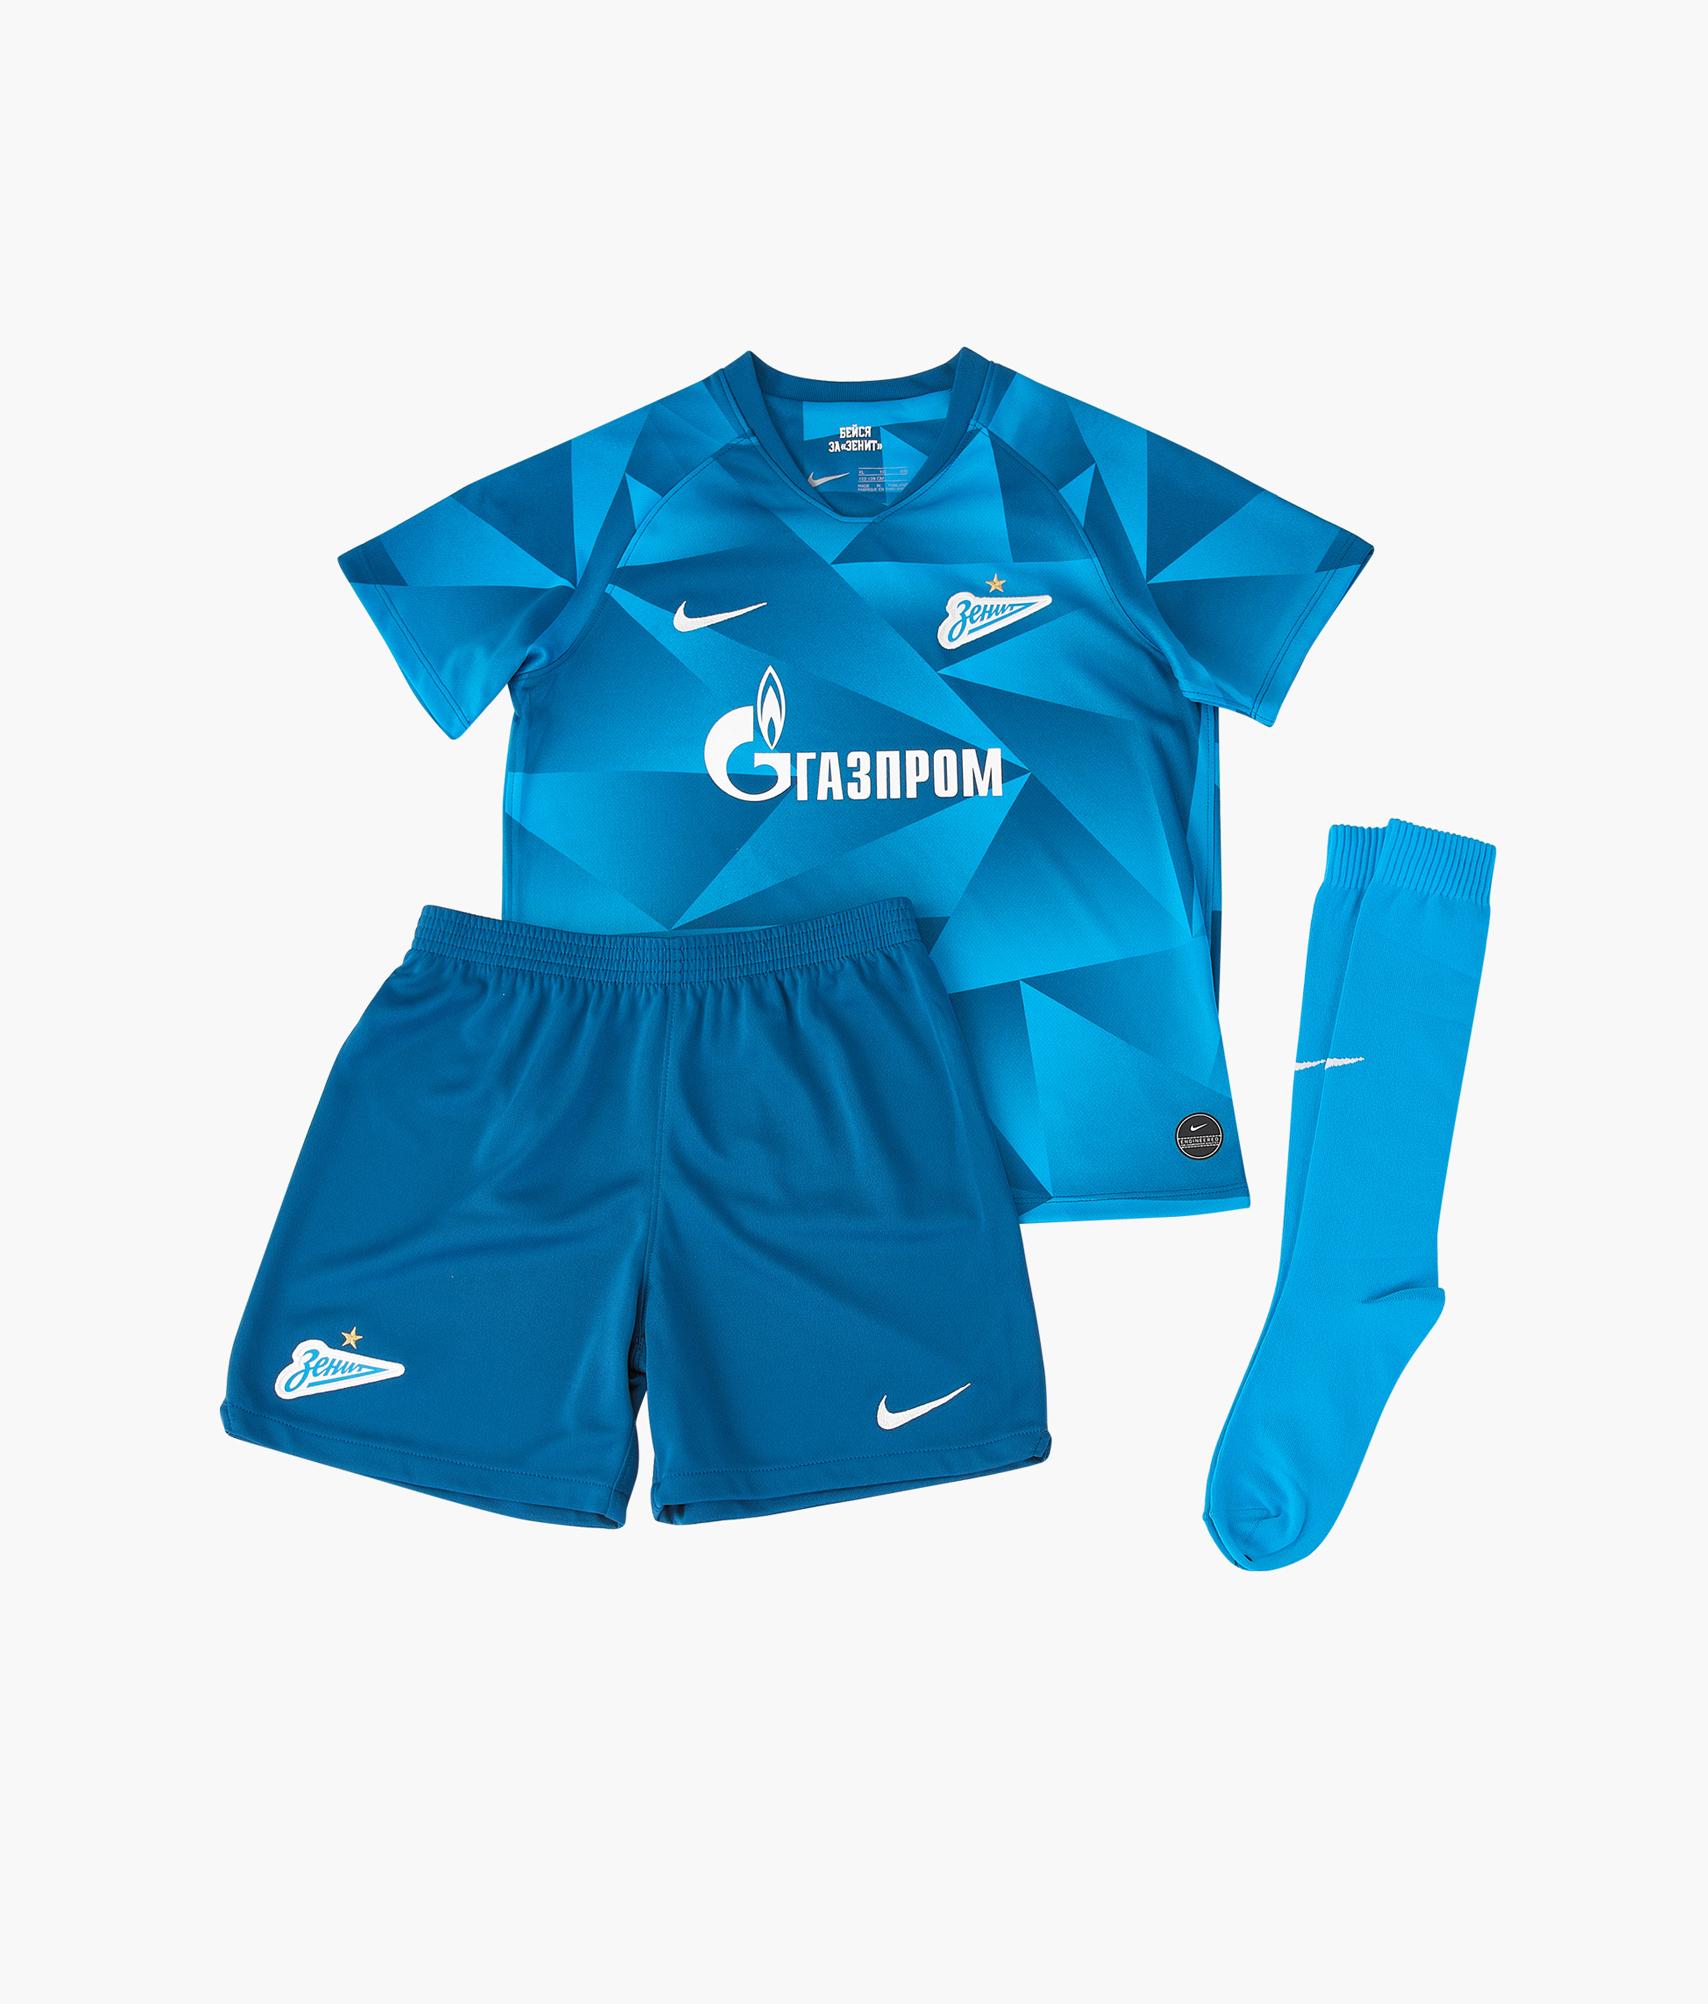 Комплект детской формы Nike Zenit сезона 2019/20 Nike